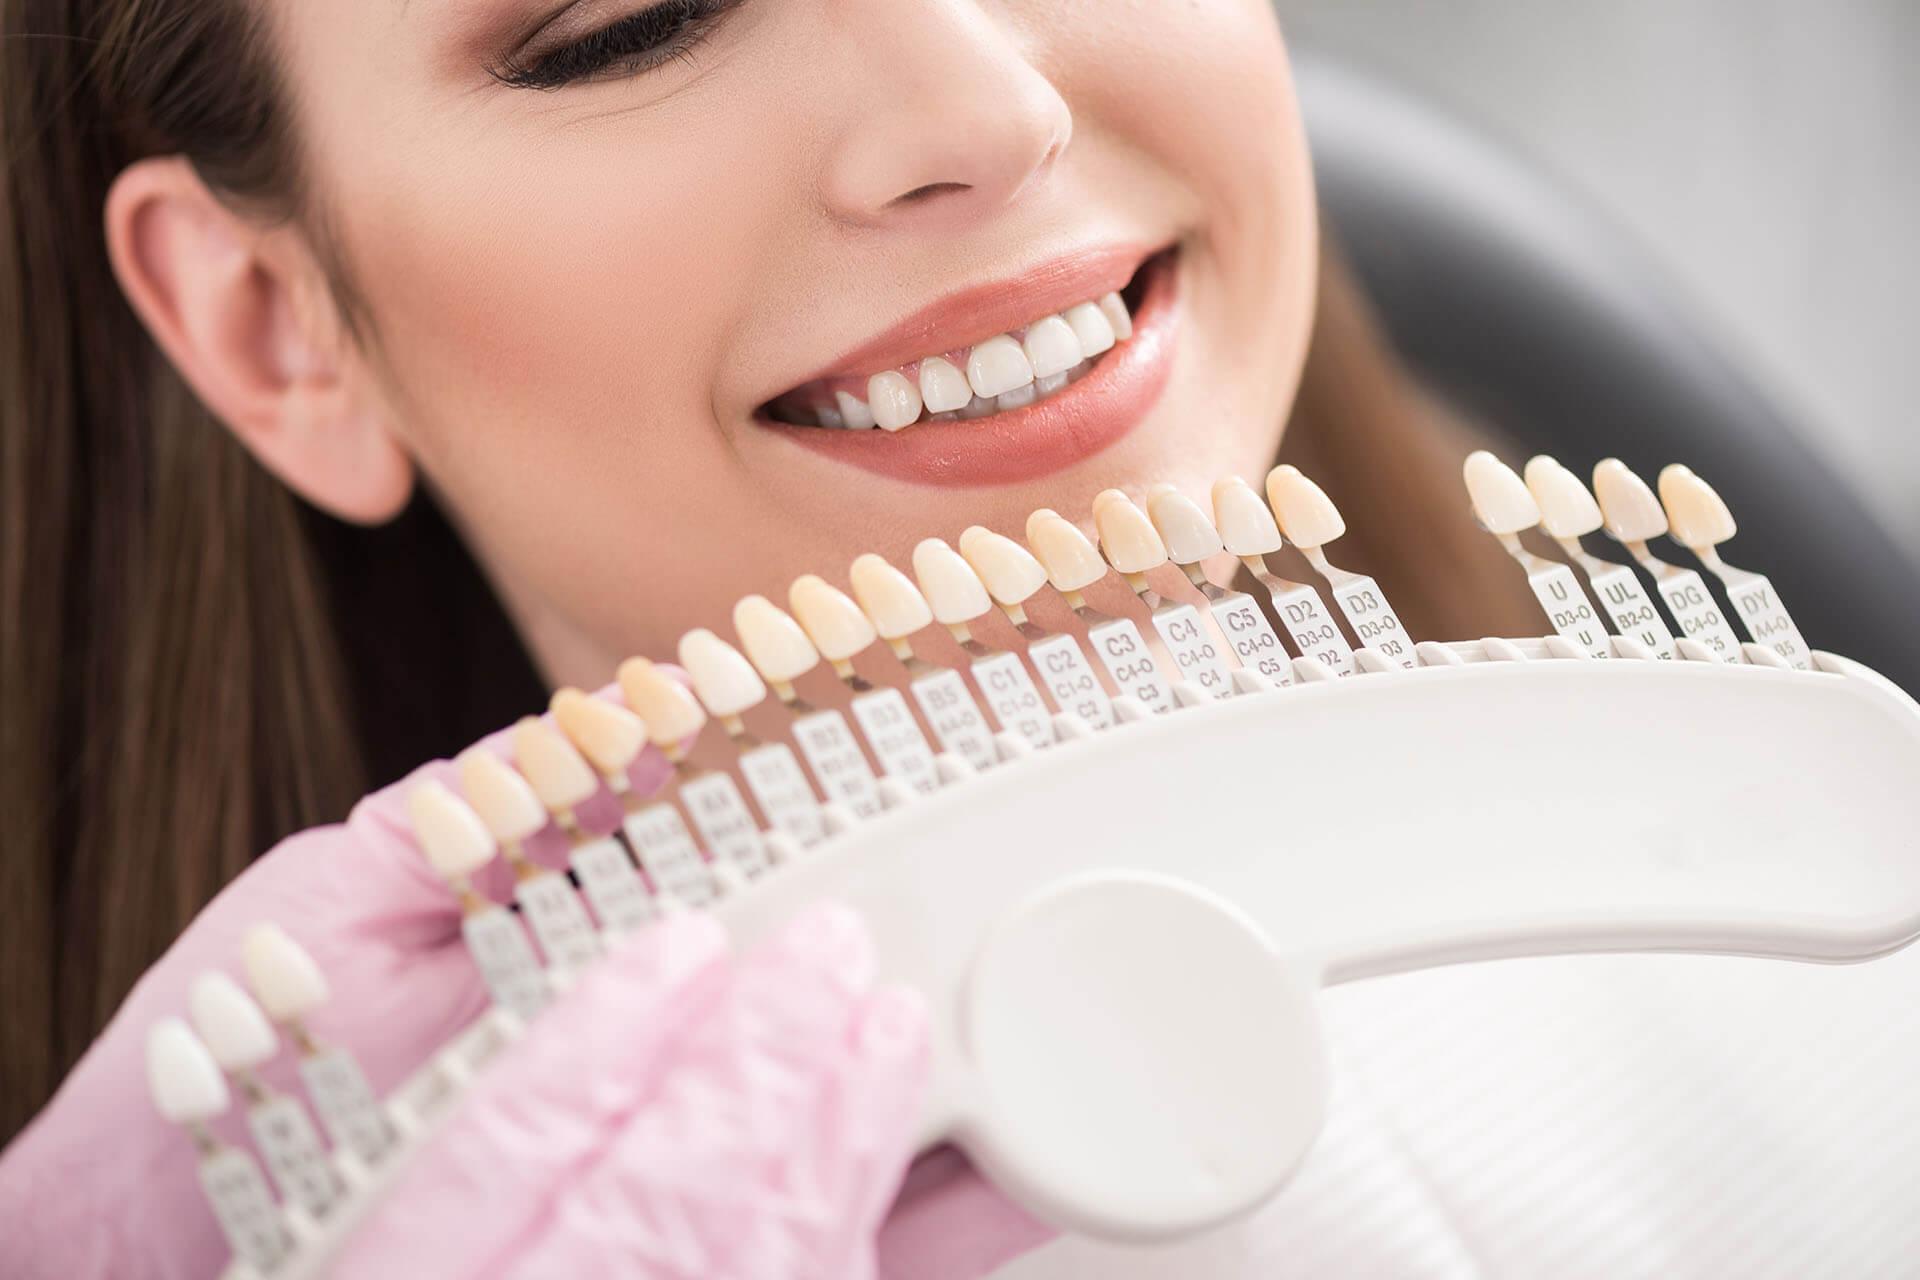 Fluorosis Stains – Will Dental Veneers or Teeth Whitening Help?